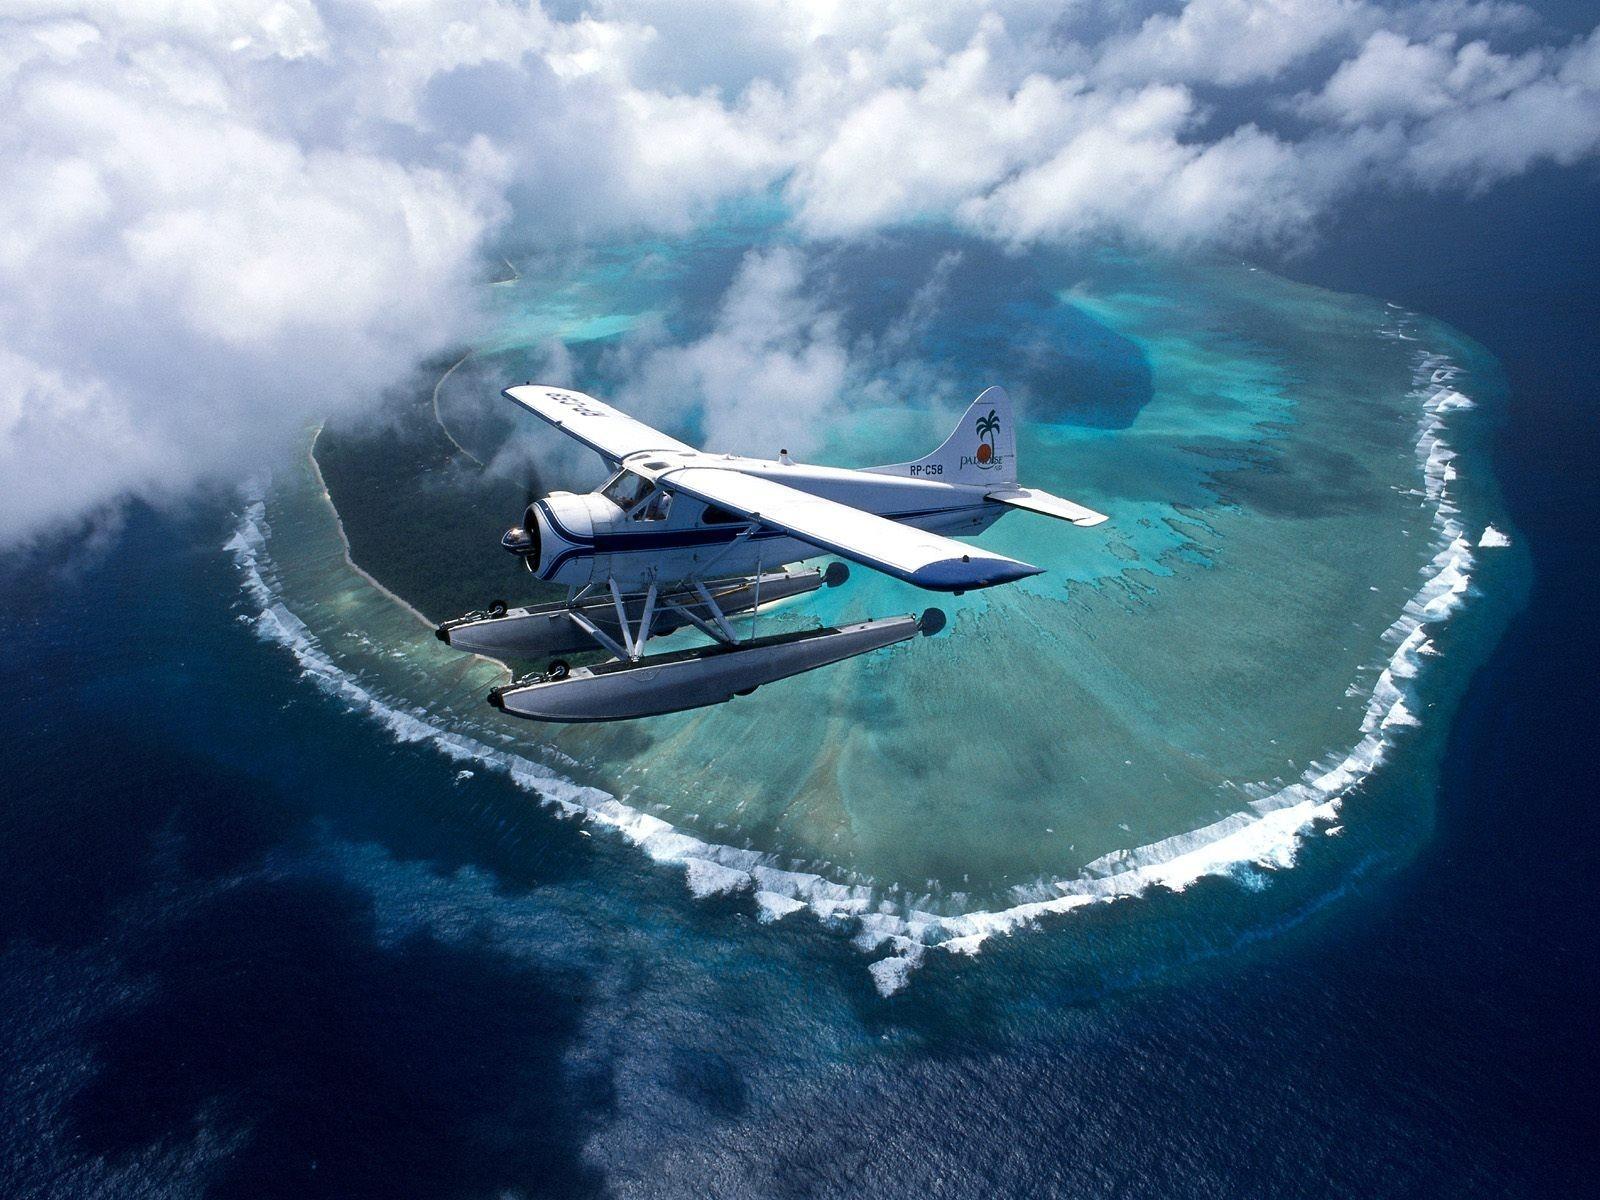 древних самолеты в океане фото это комплекс специальных